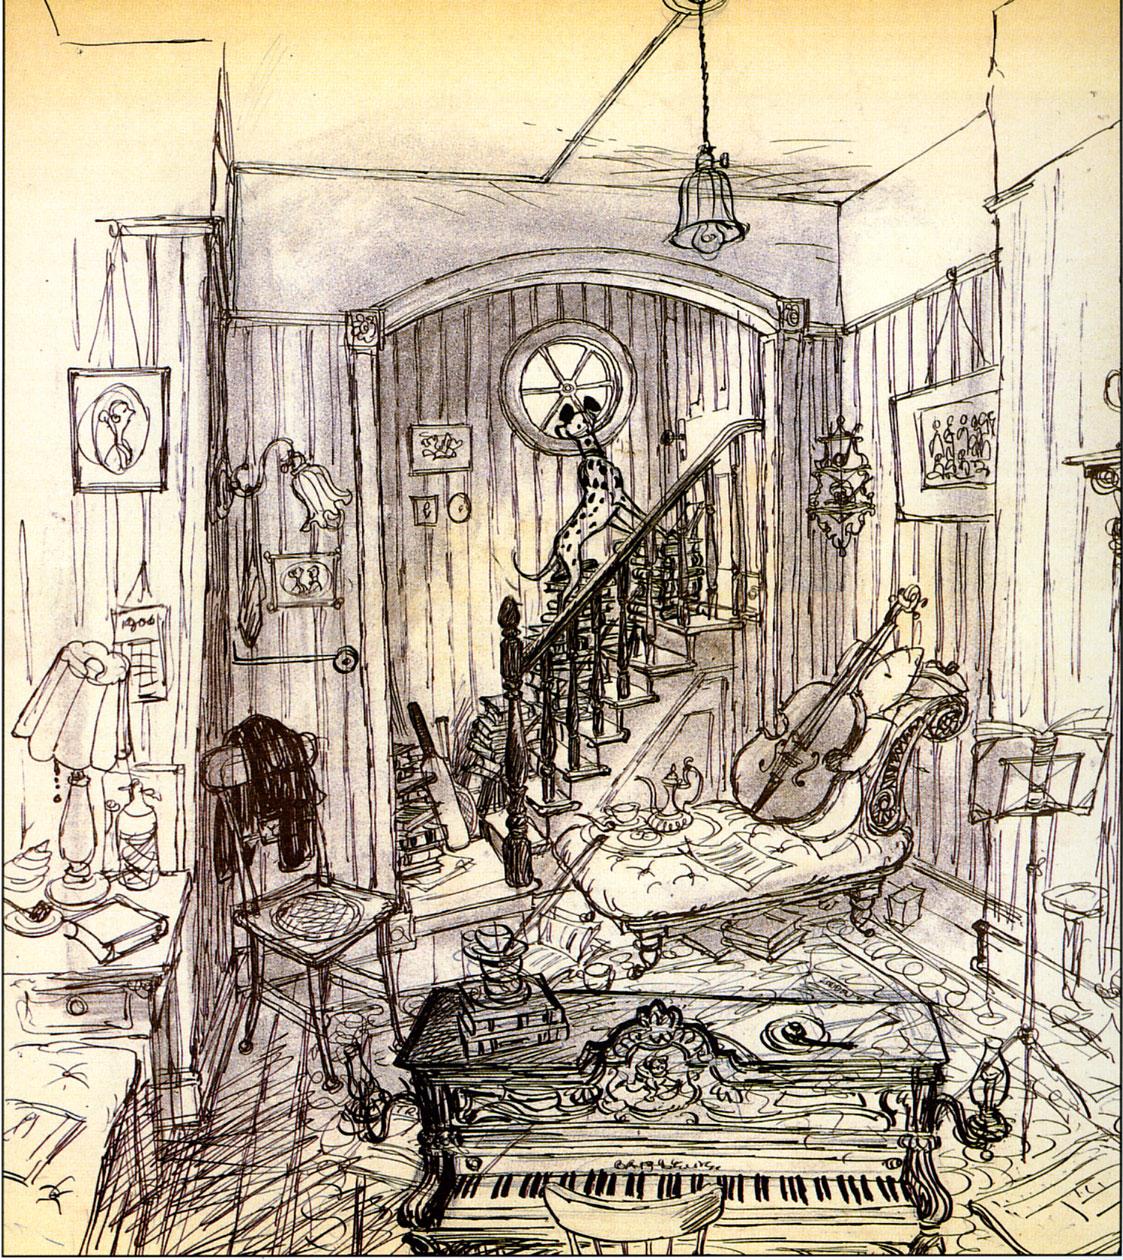 deja view dalmatian art. Black Bedroom Furniture Sets. Home Design Ideas